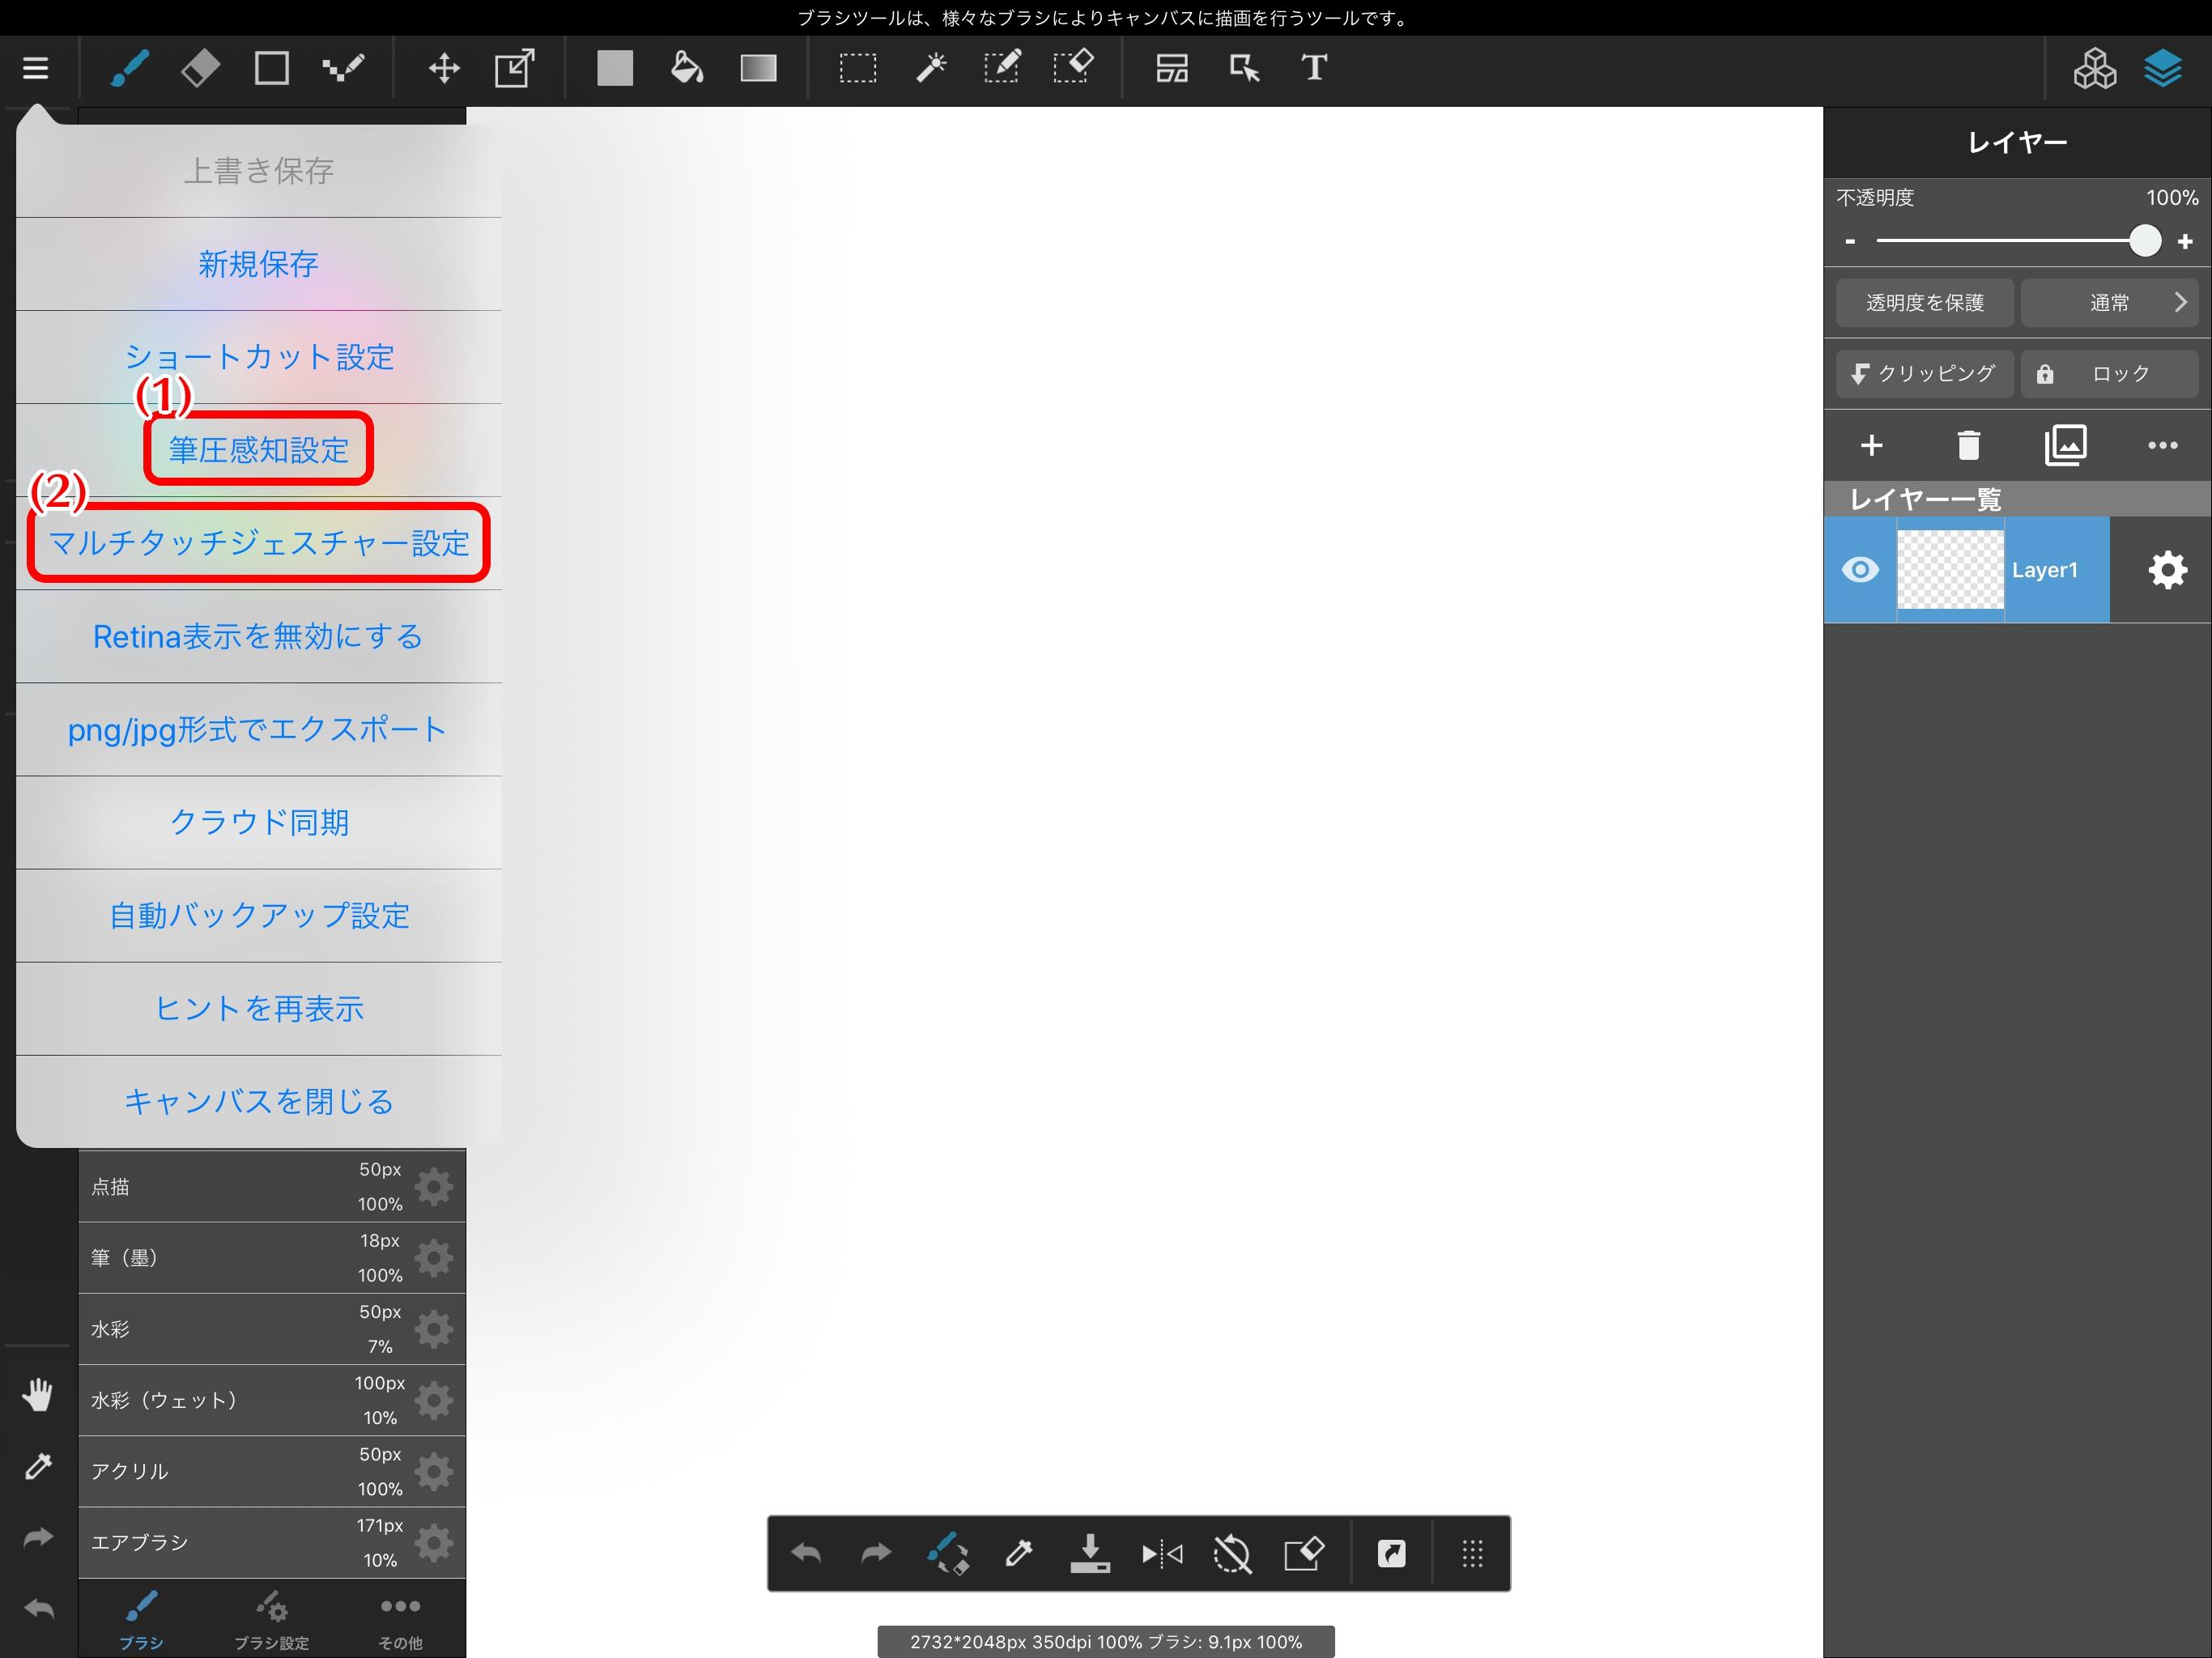 메인 메뉴 를 선택했을 때의 화면